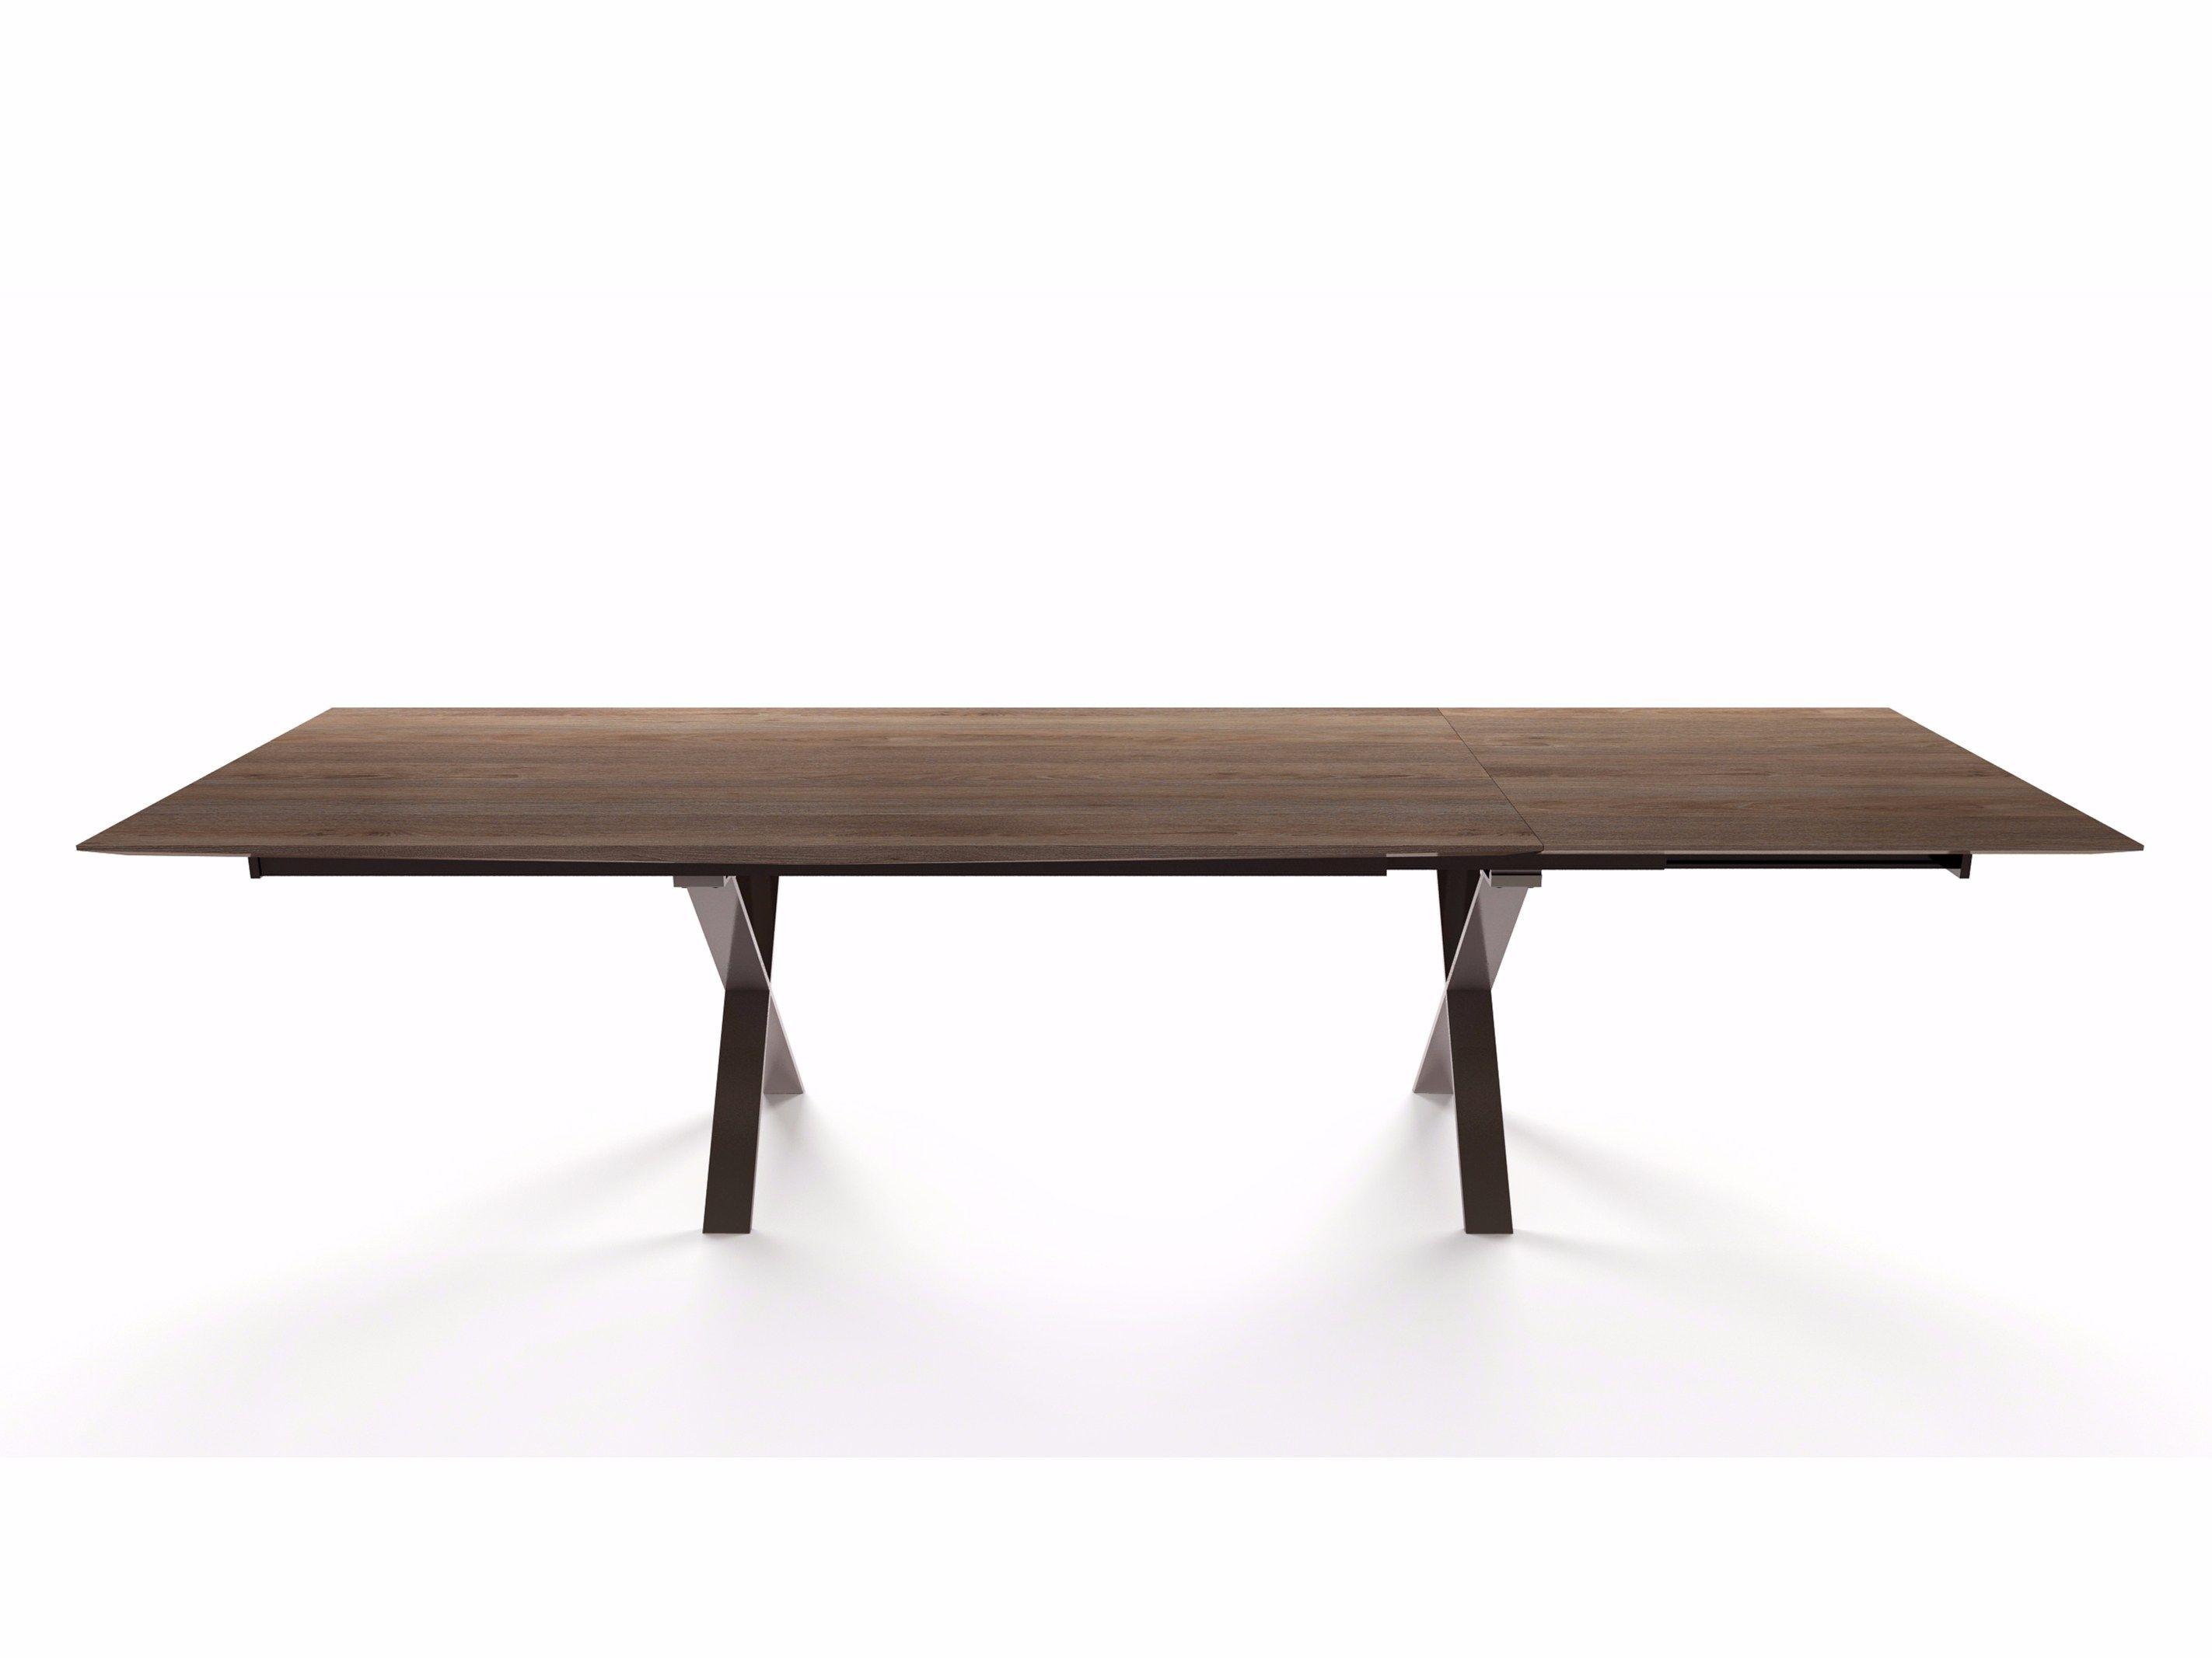 Tavolo Allargabile ~ Tavolo allungabile in legno lax tavolo allungabile more